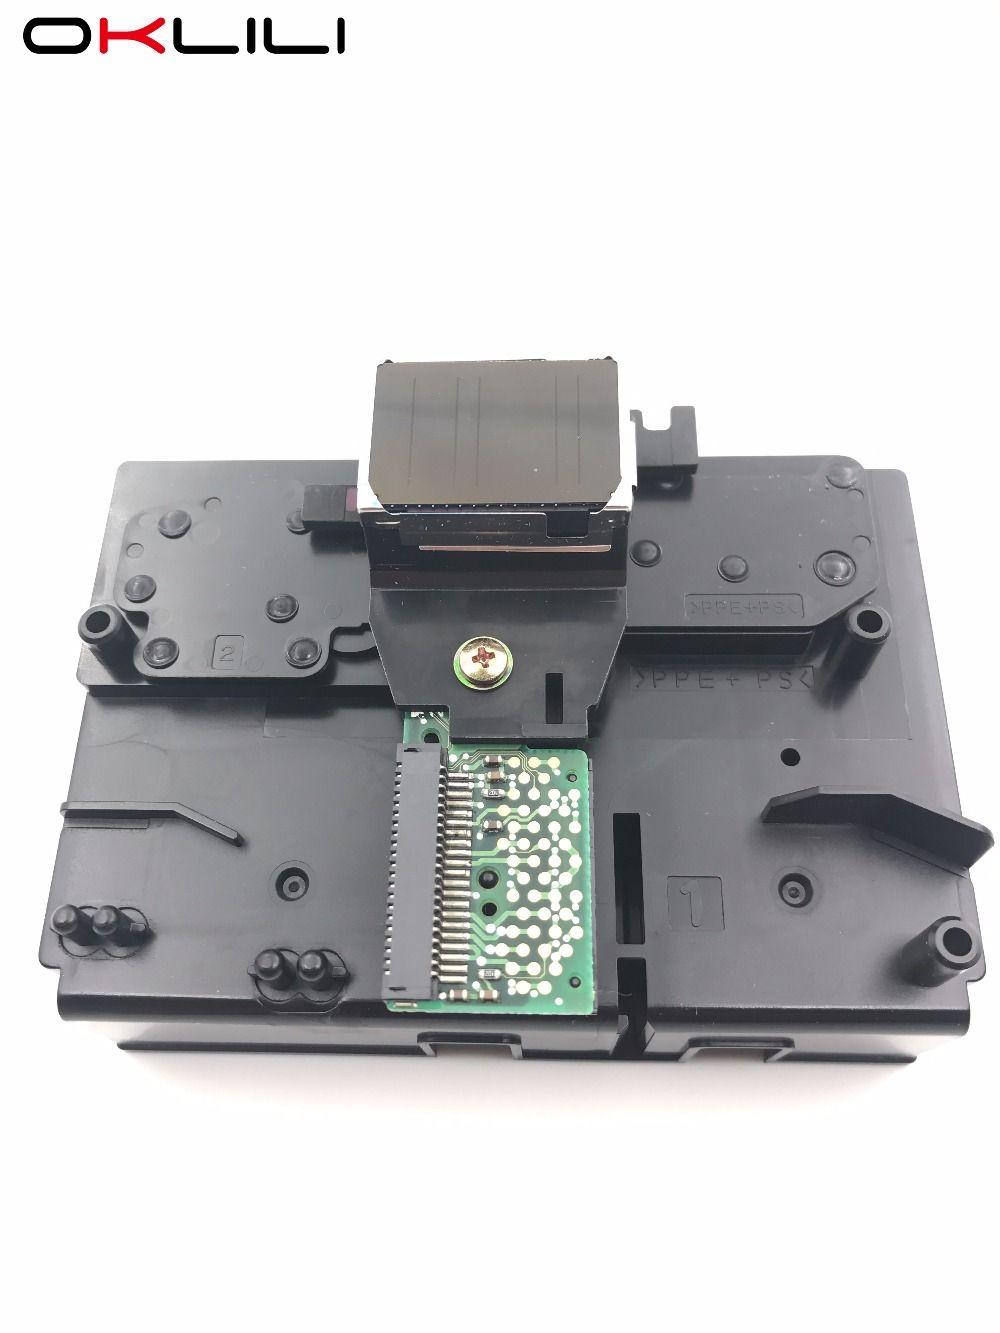 F072000 Druckkopf Drucker Kopf Druckkopf für Epson Stylus Farbe 900 DX3 900g 900N 980 980N für Roland DX3 FJ500 FJ600